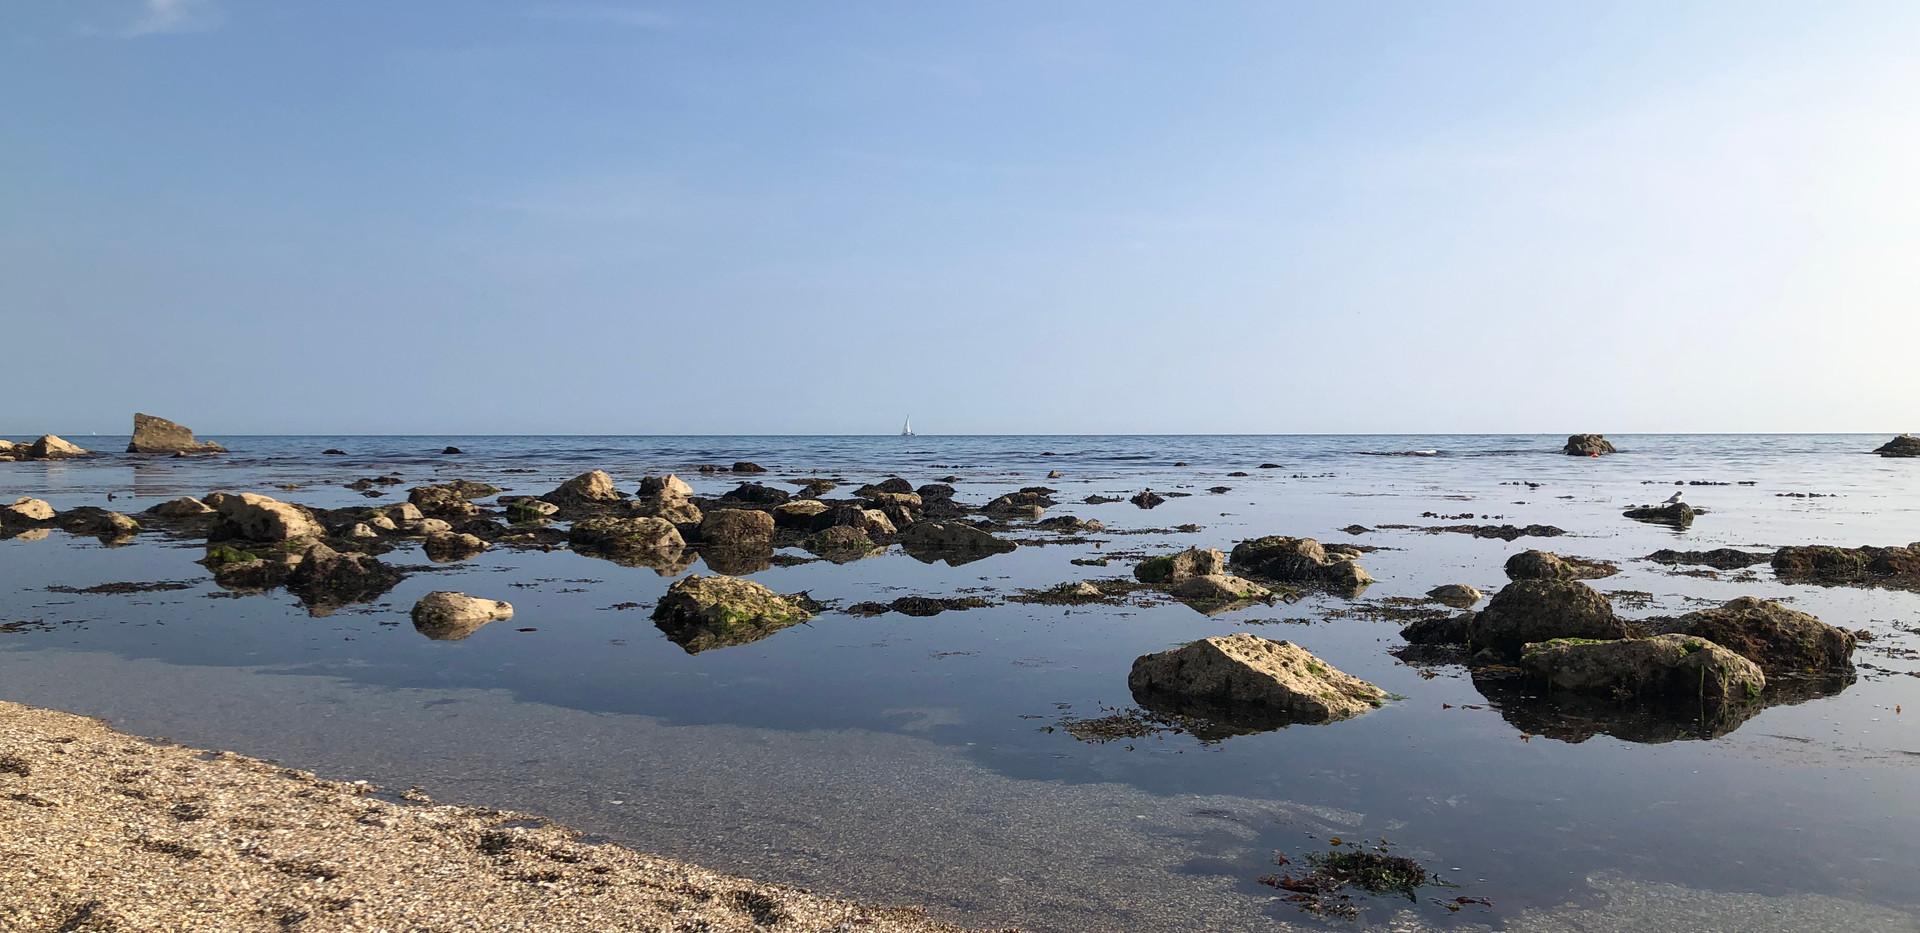 St Oswald's Bay